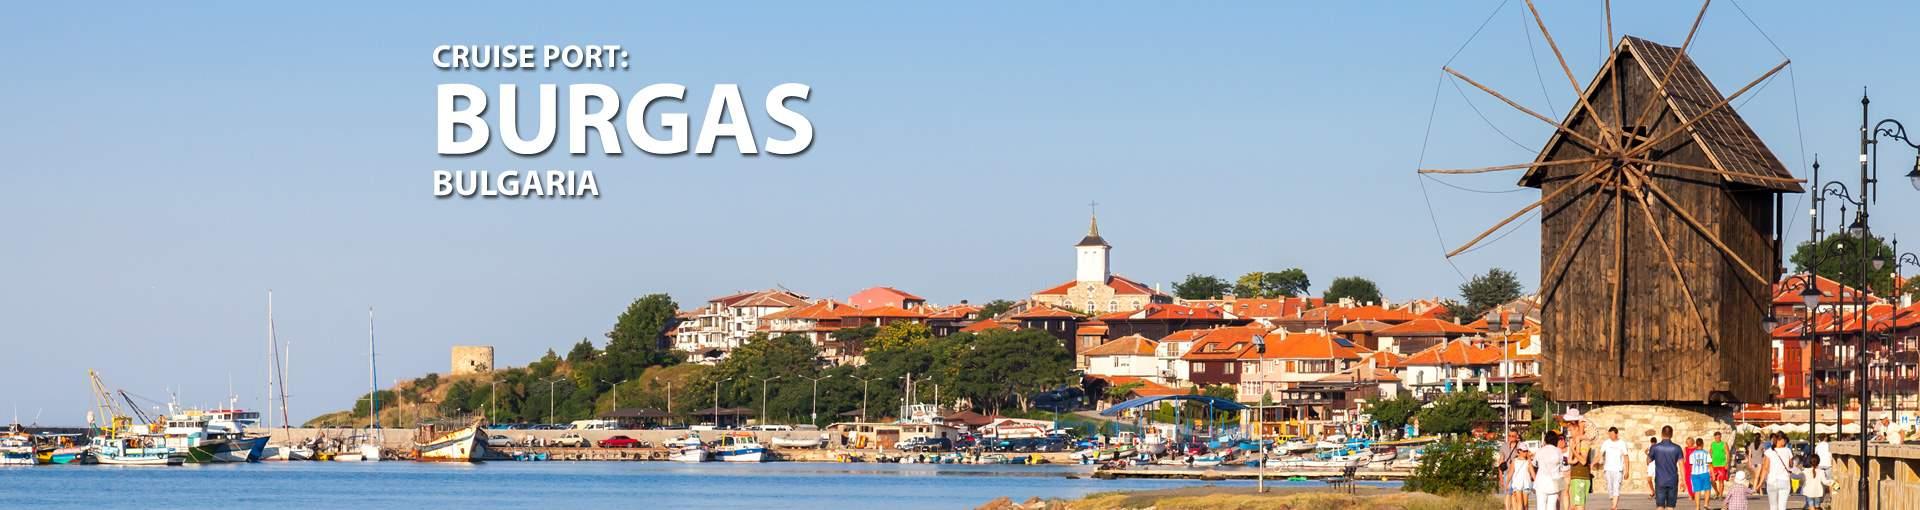 Cruises to Burgas, Bulgaria